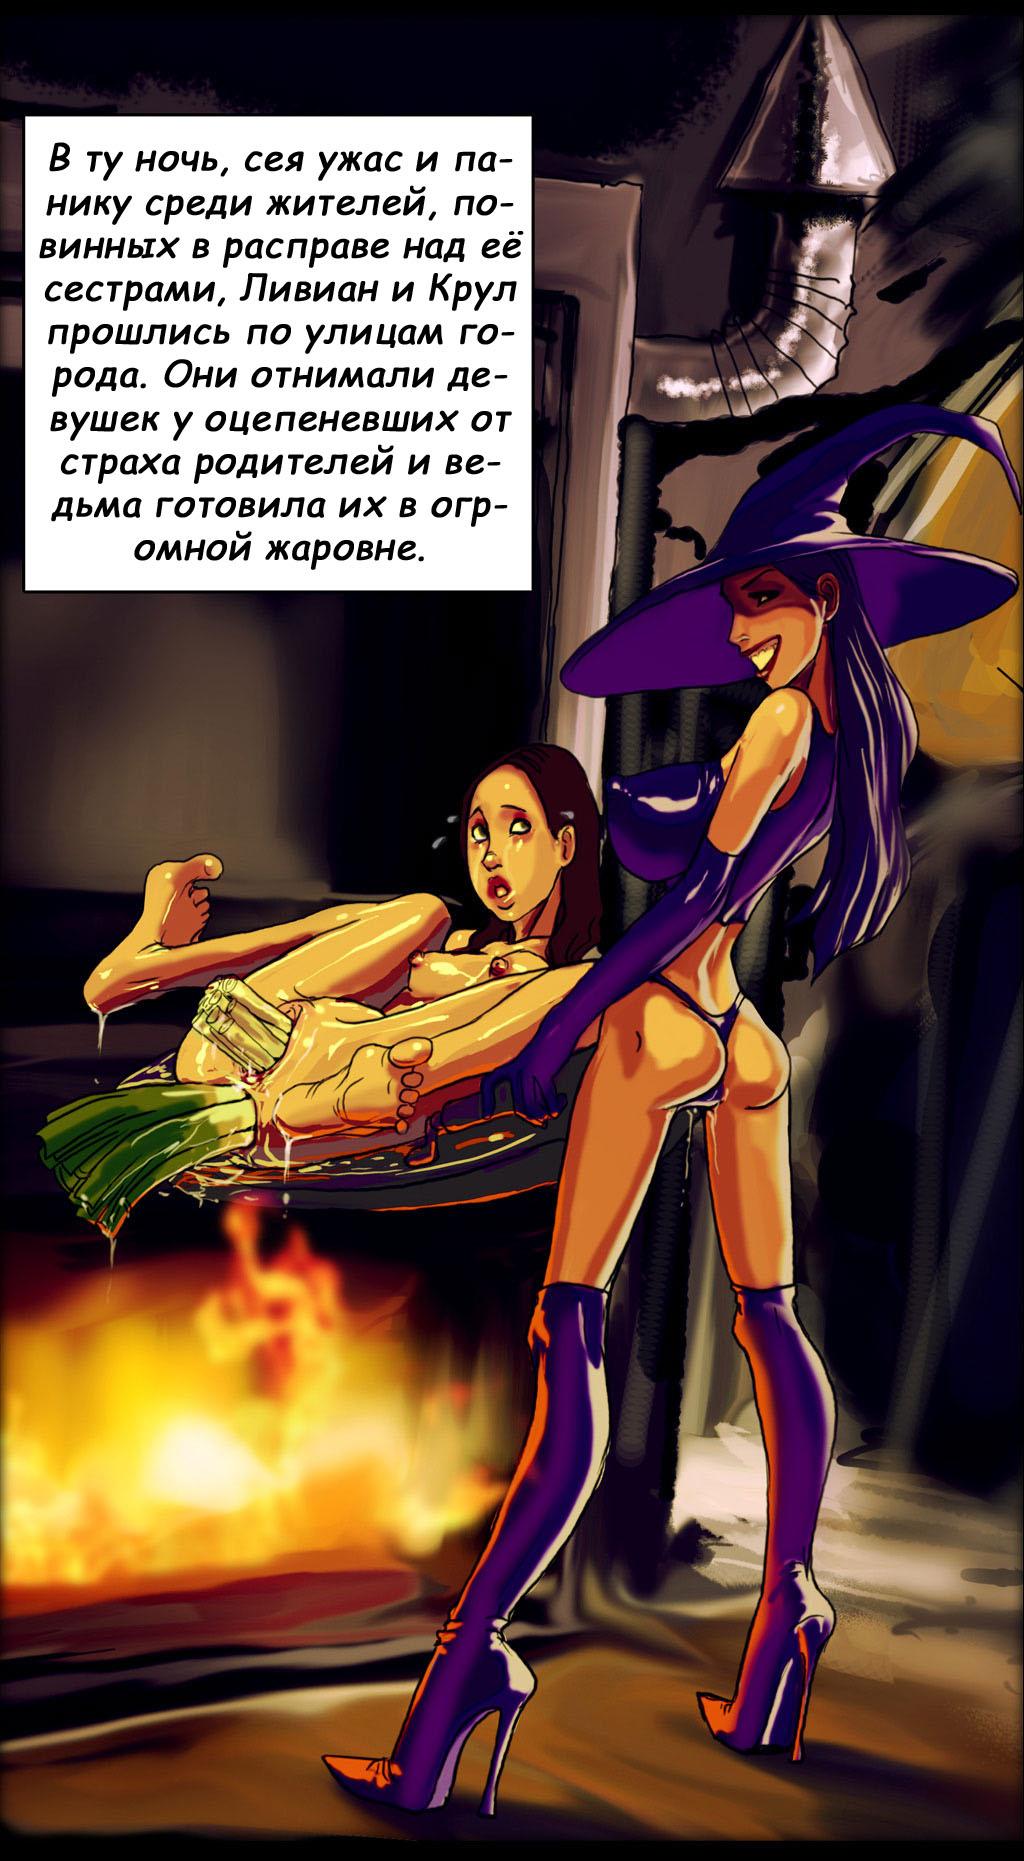 Порно комиксы черная ведьма из вестбрука 1